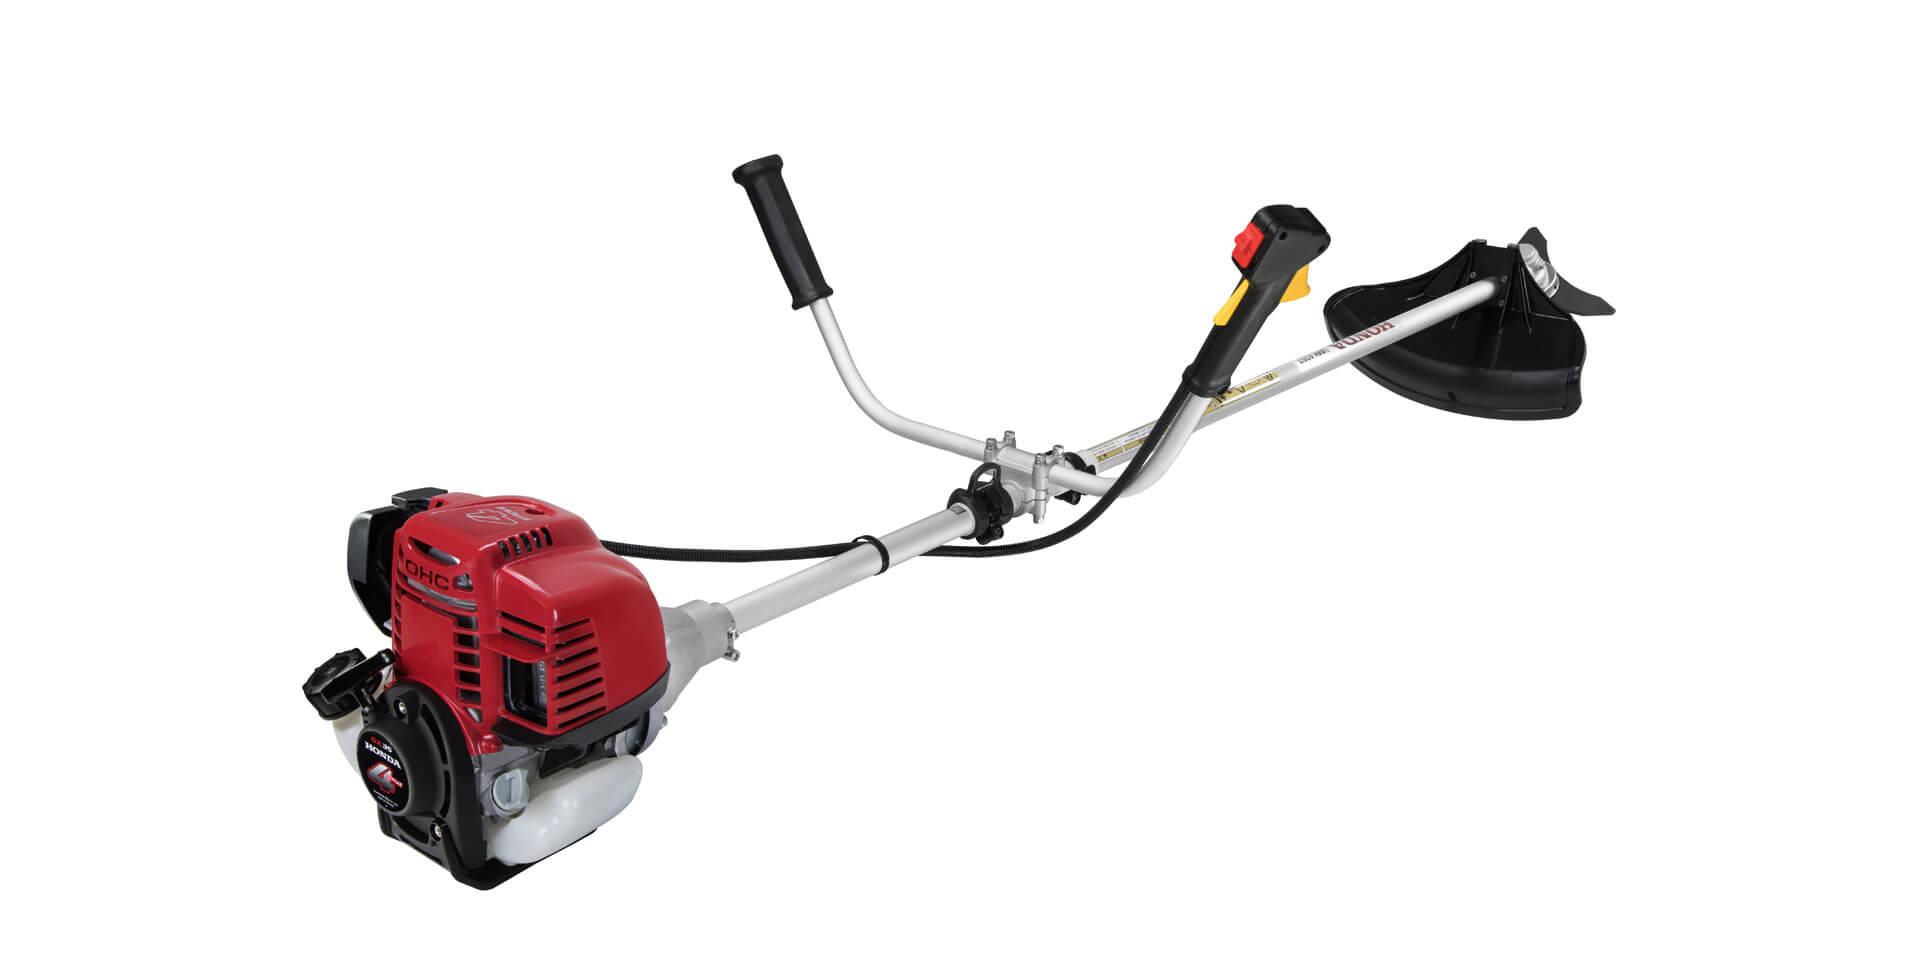 Roçadeira Gasolina Honda UMK435T UEBT 4 Tempos Semi-Profissional